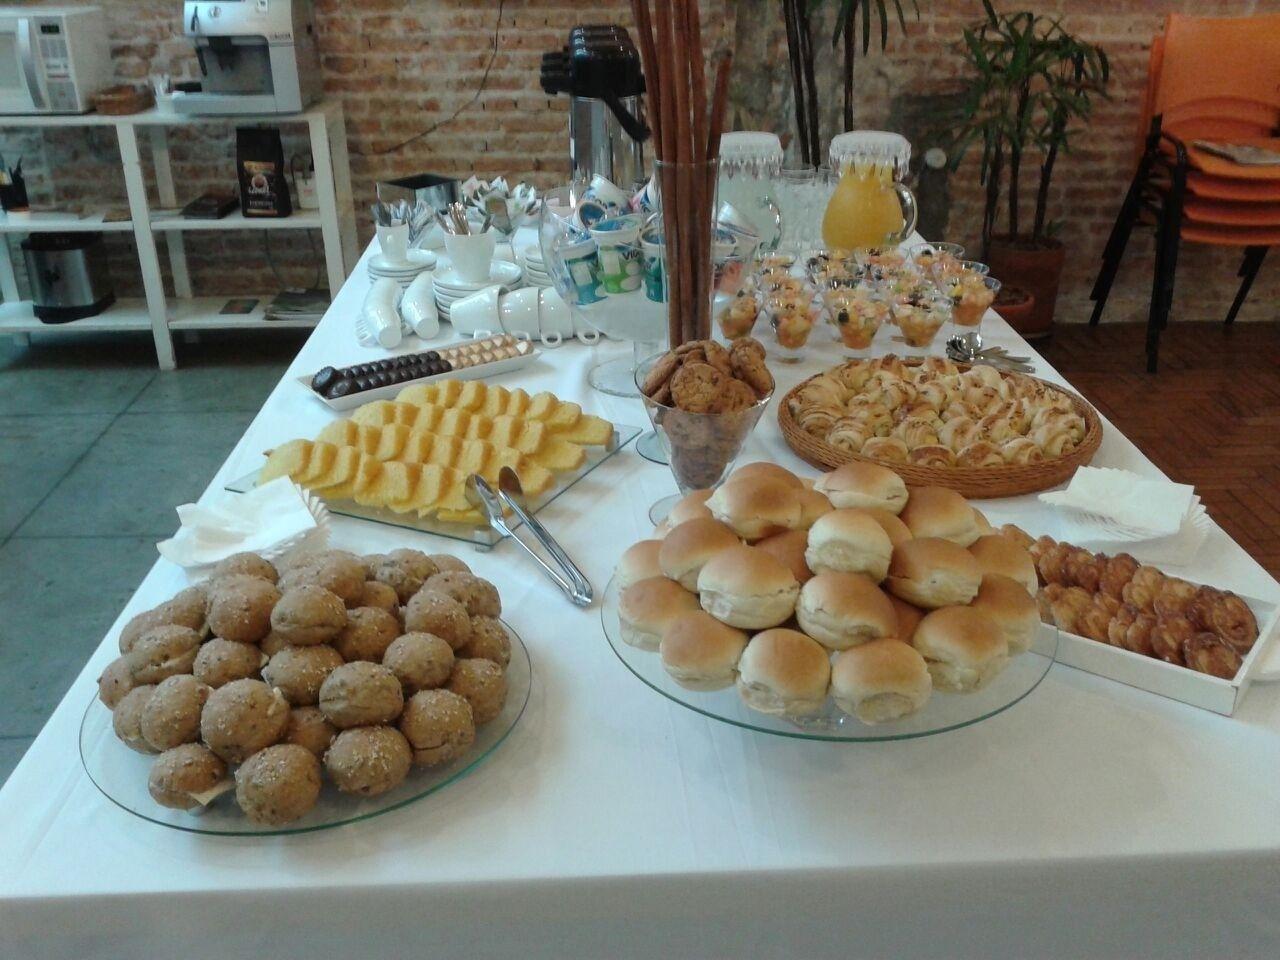 Serviços de Buffet em Domicilio para Evento no Bom Retiro - Buffet a Domicílio Zona Leste